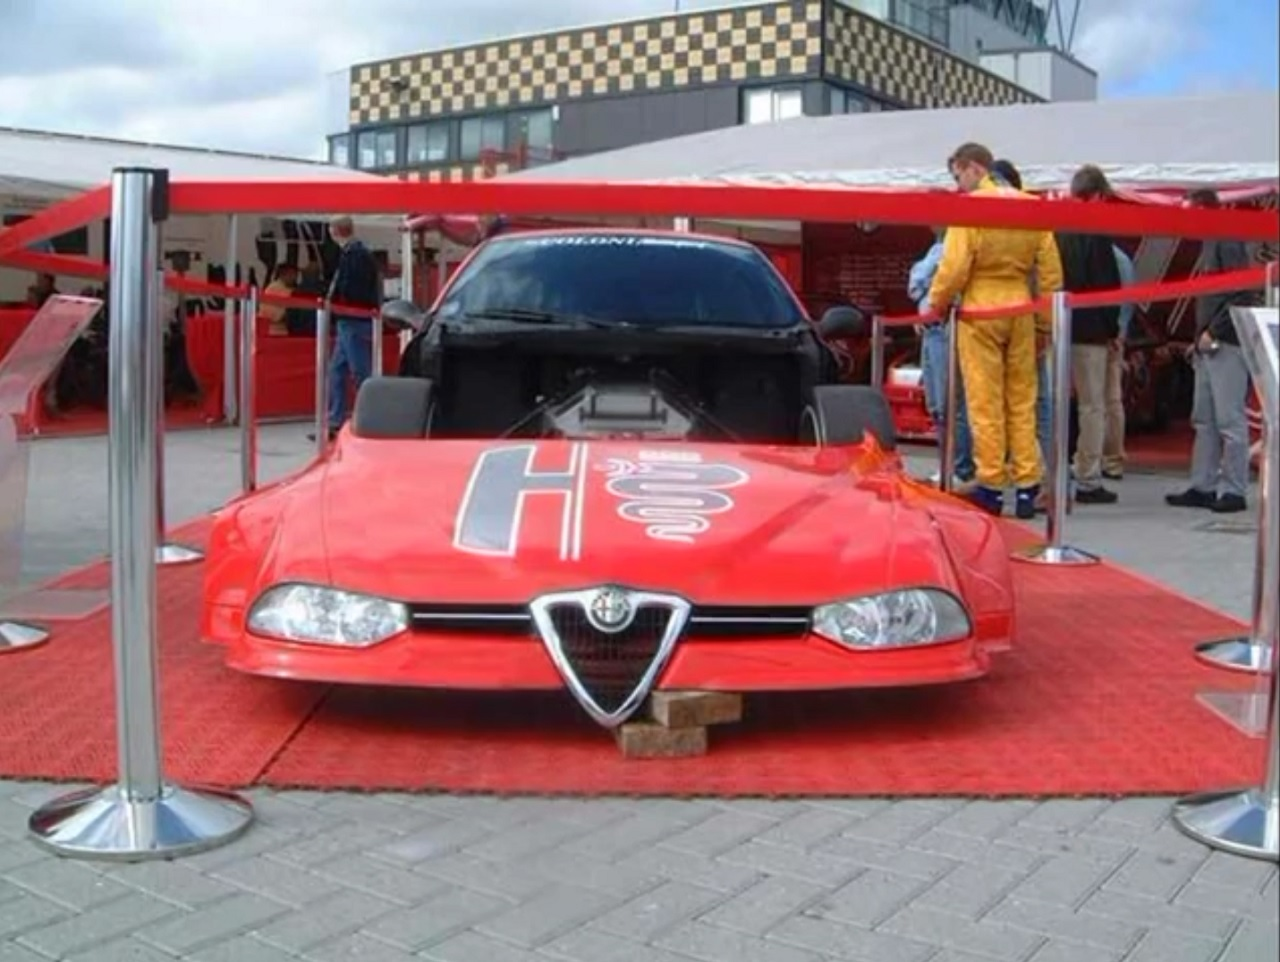 Alfa Romeo 156 Coloni S1 - Maxiturismo ! 11